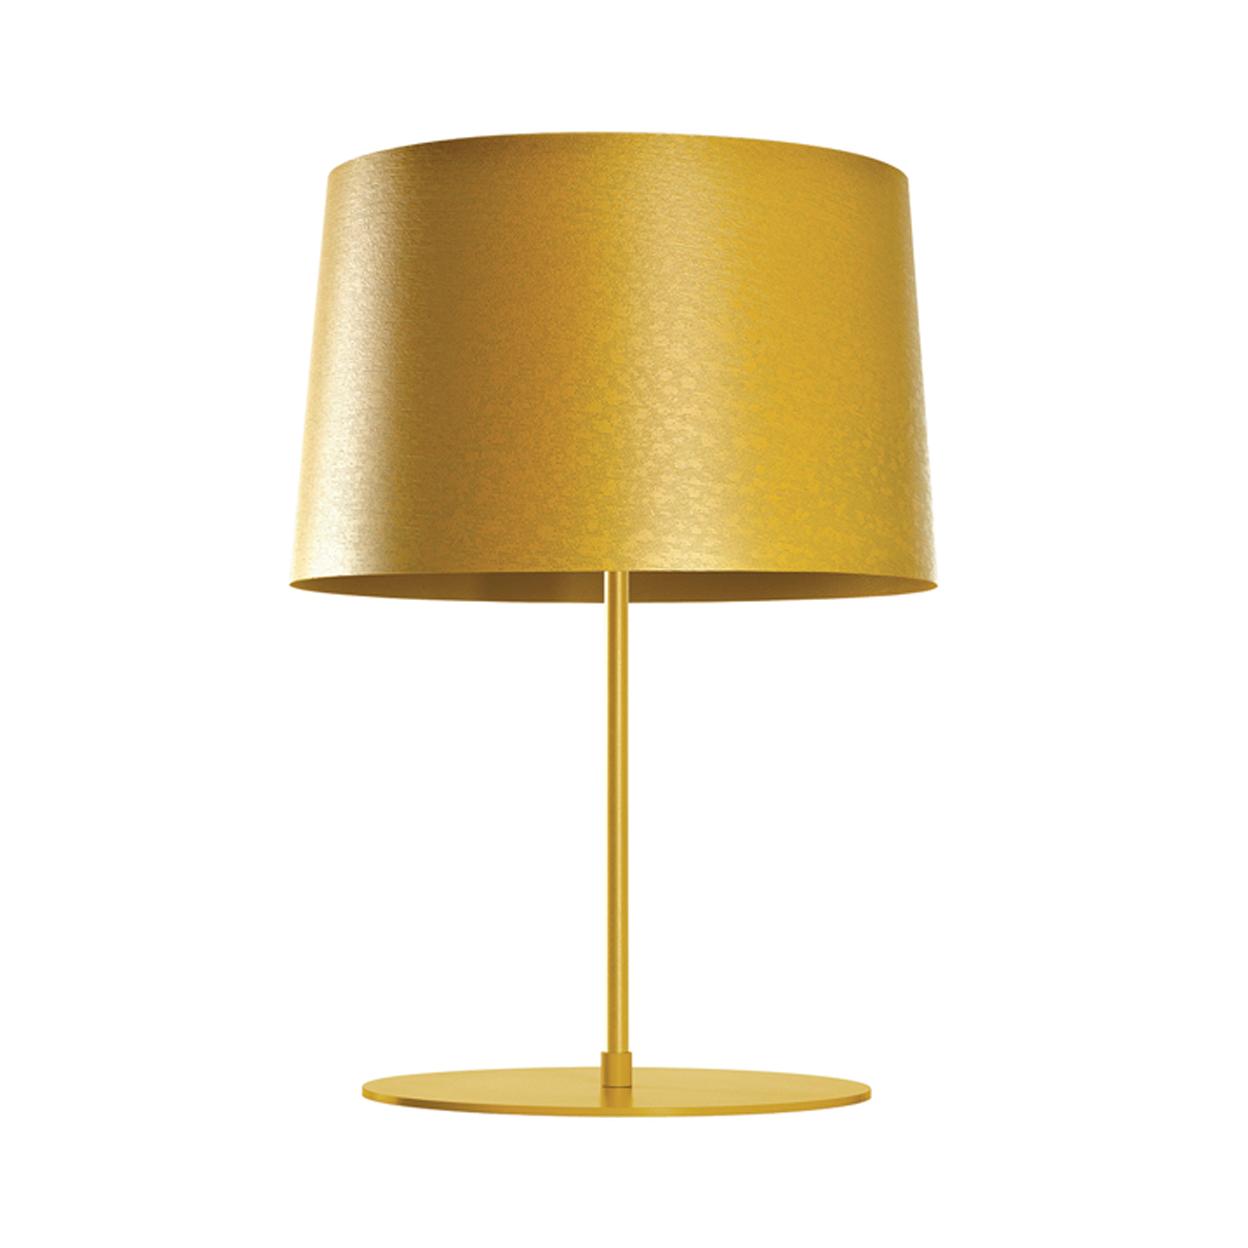 Modern golden table lamp.